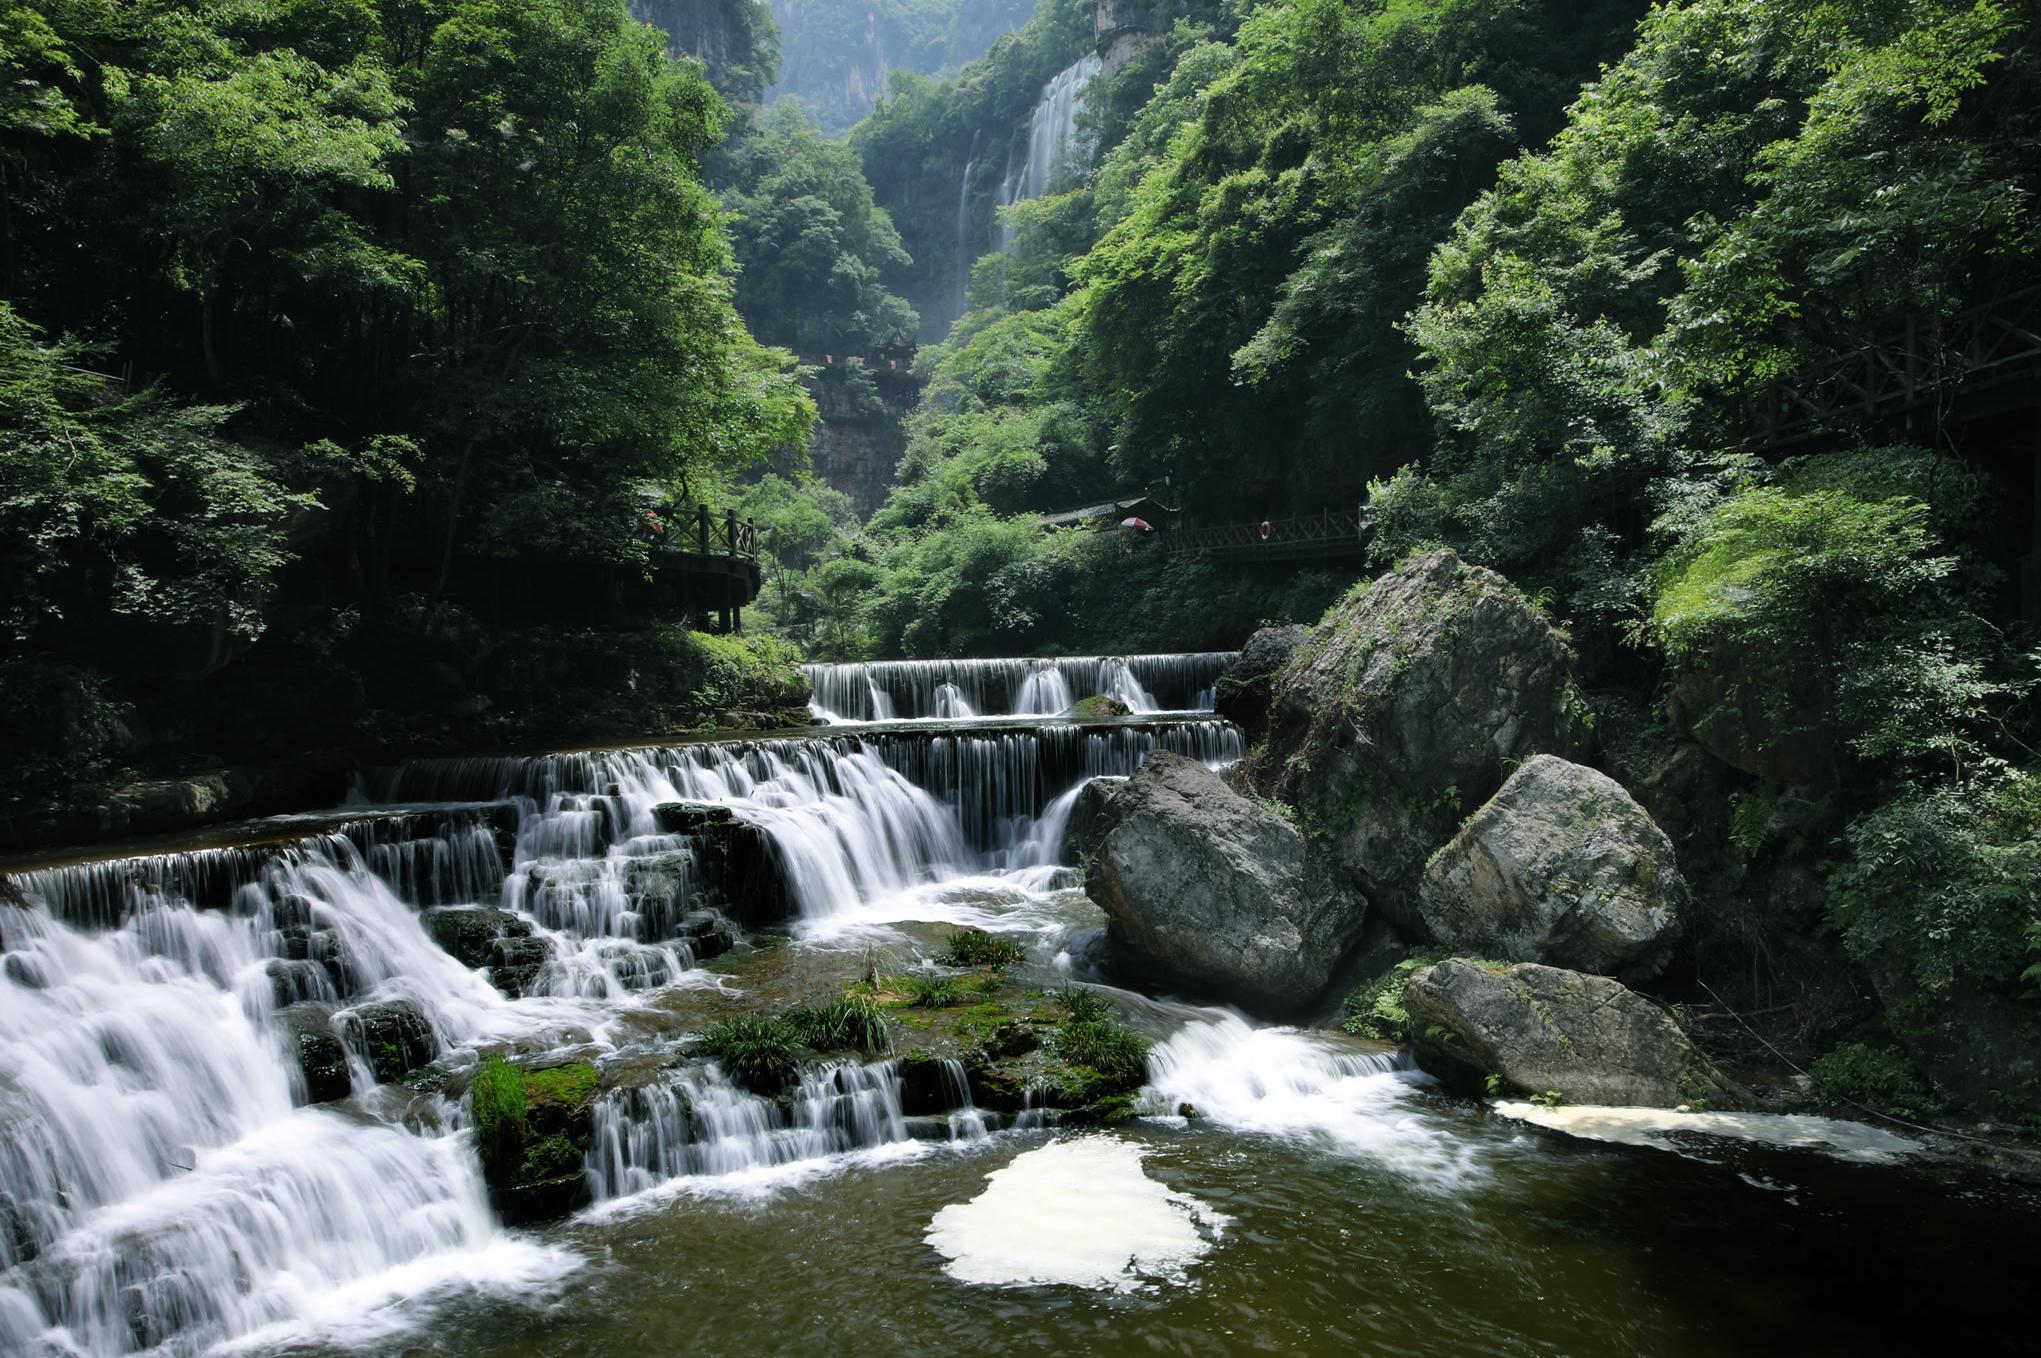 三峡大瀑布 金狮洞 情人泉 1日跟团游[2019大促]赏名瀑,零距离体验穿瀑之旅